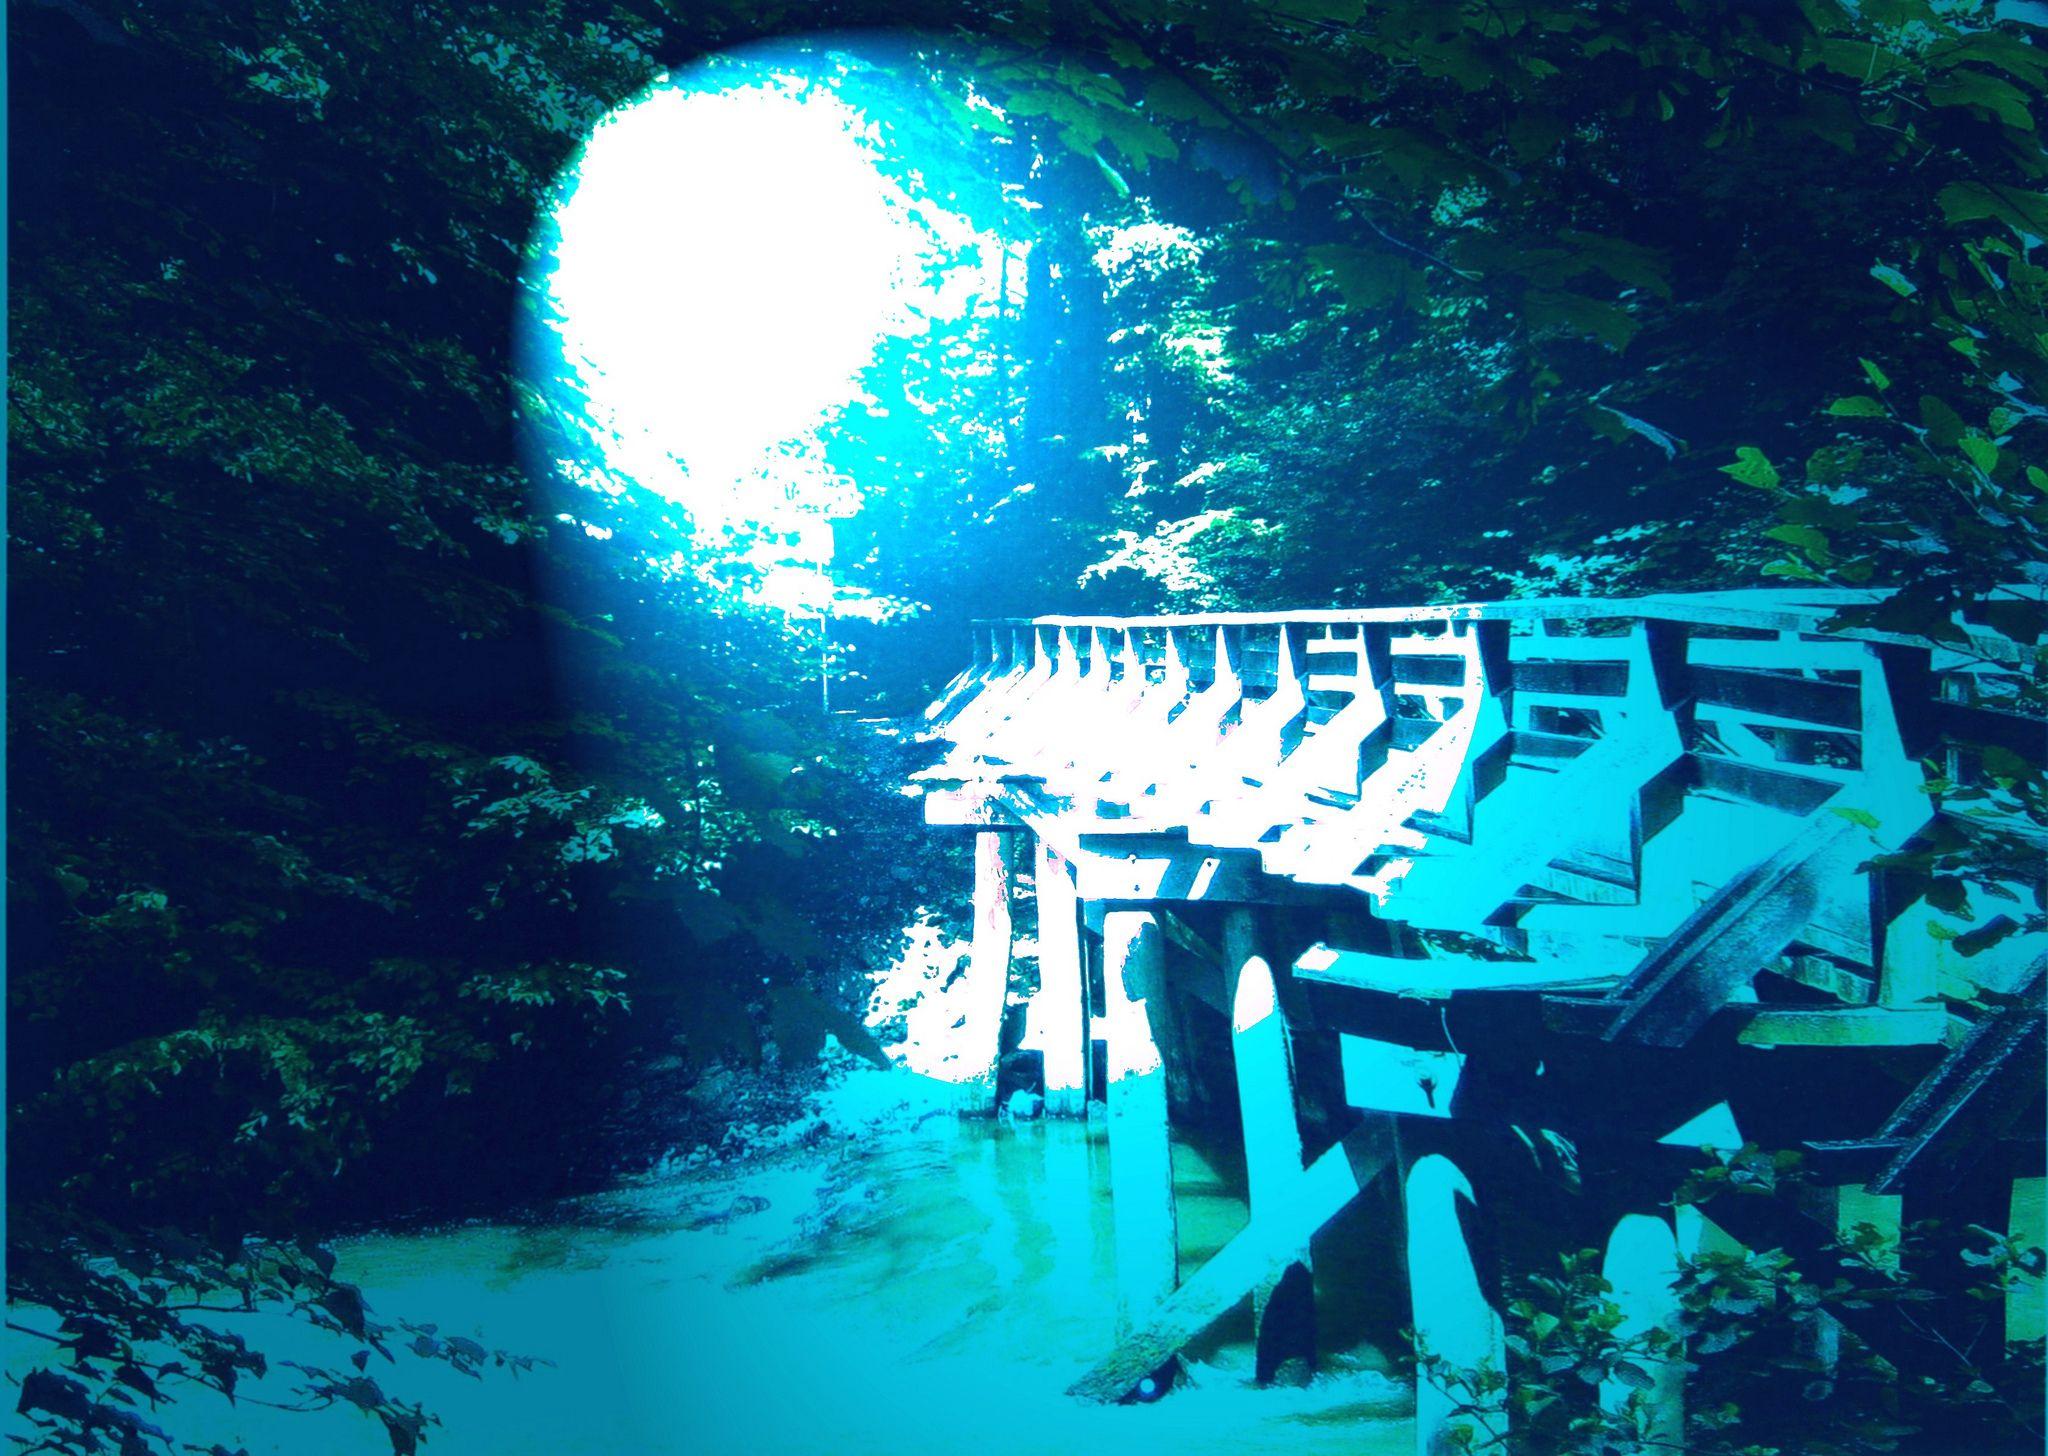 https://flic.kr/p/bTBbLe | Brücke ins Licht M.A. | PhotoGraphik M.A.